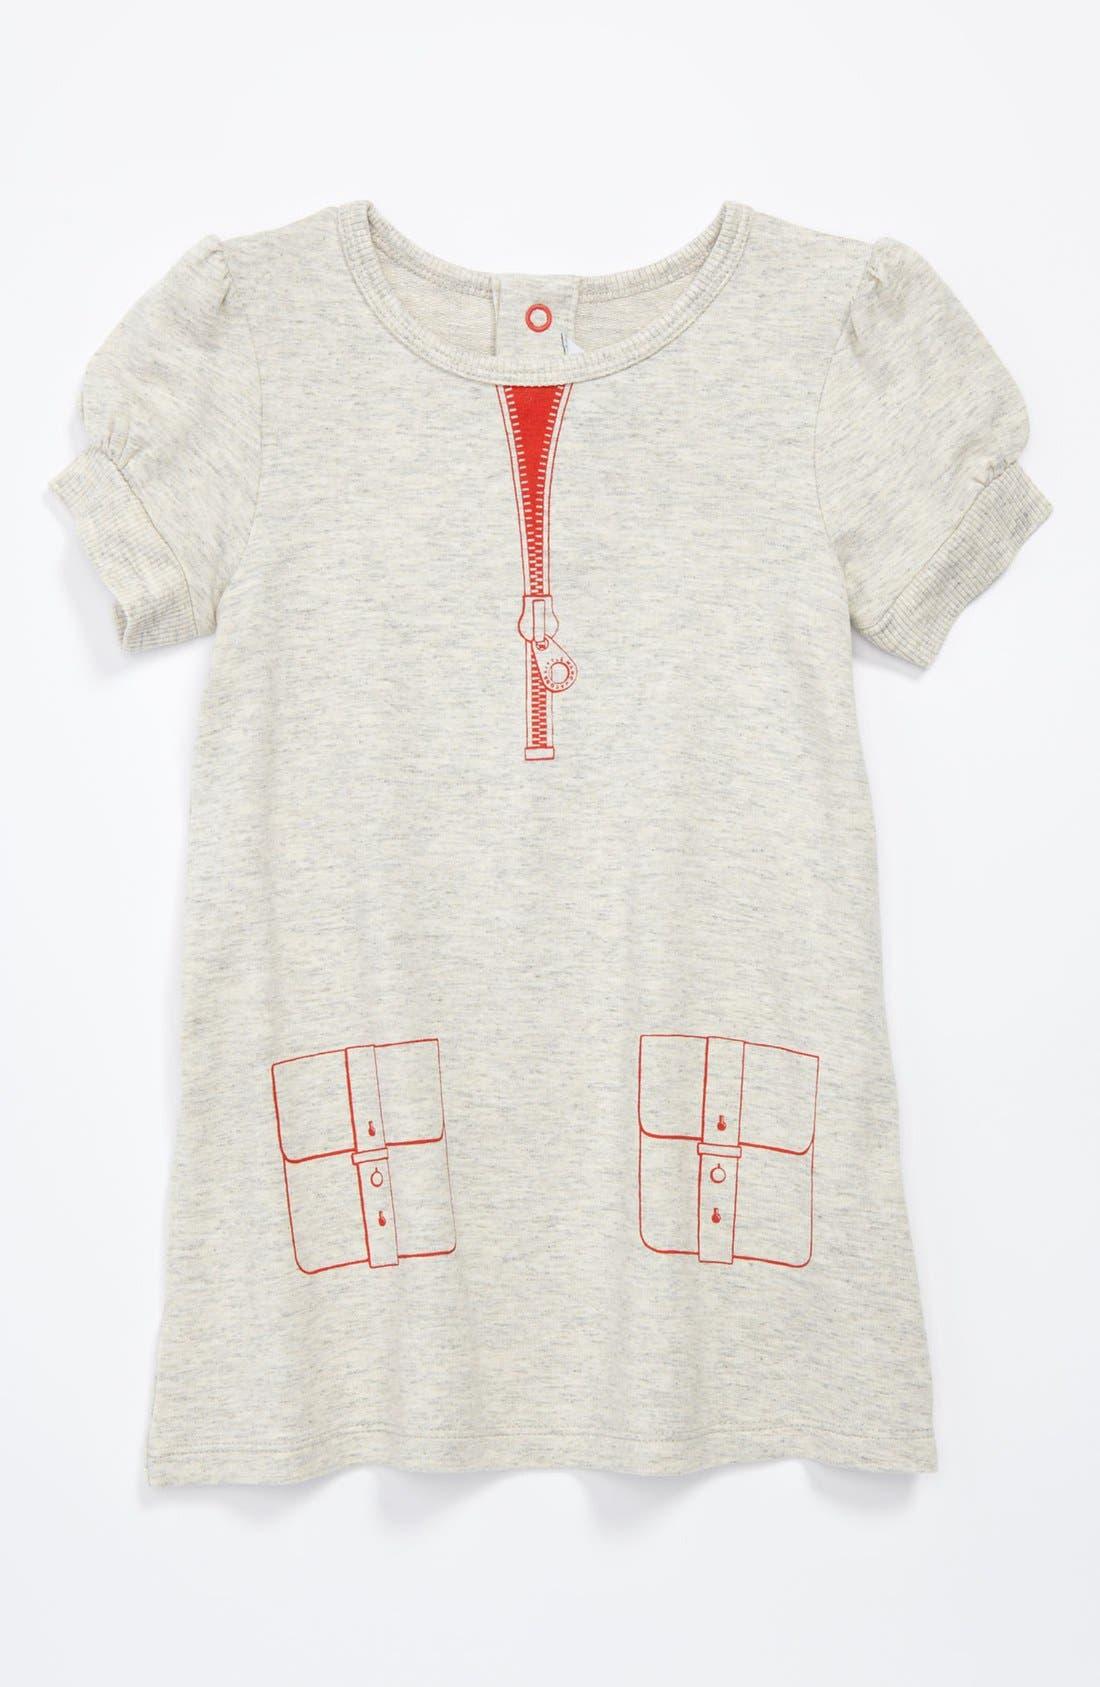 Alternate Image 1 Selected - LITTLE MARC JACOBS Print Pocket Dress (Toddler)